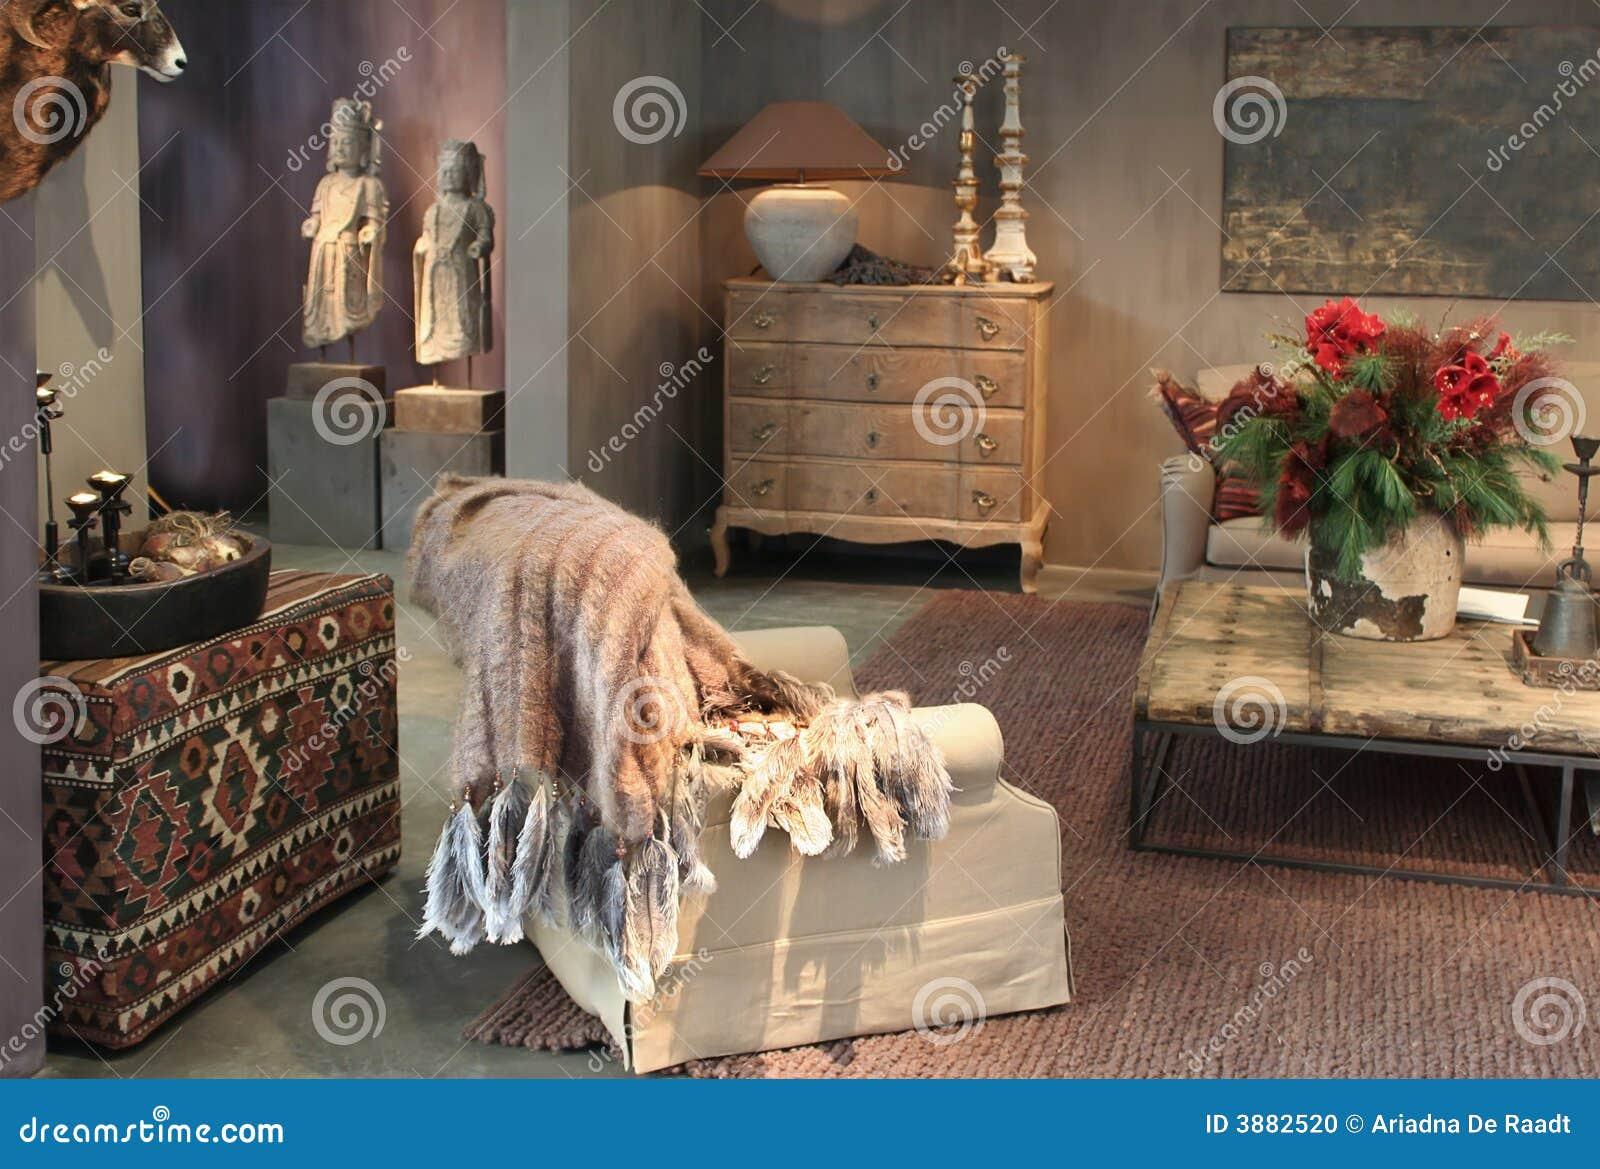 Download Interiore Nello Stile Orientale Di Legno Fotografia Stock - Immagine di divan, vivere: 3882520